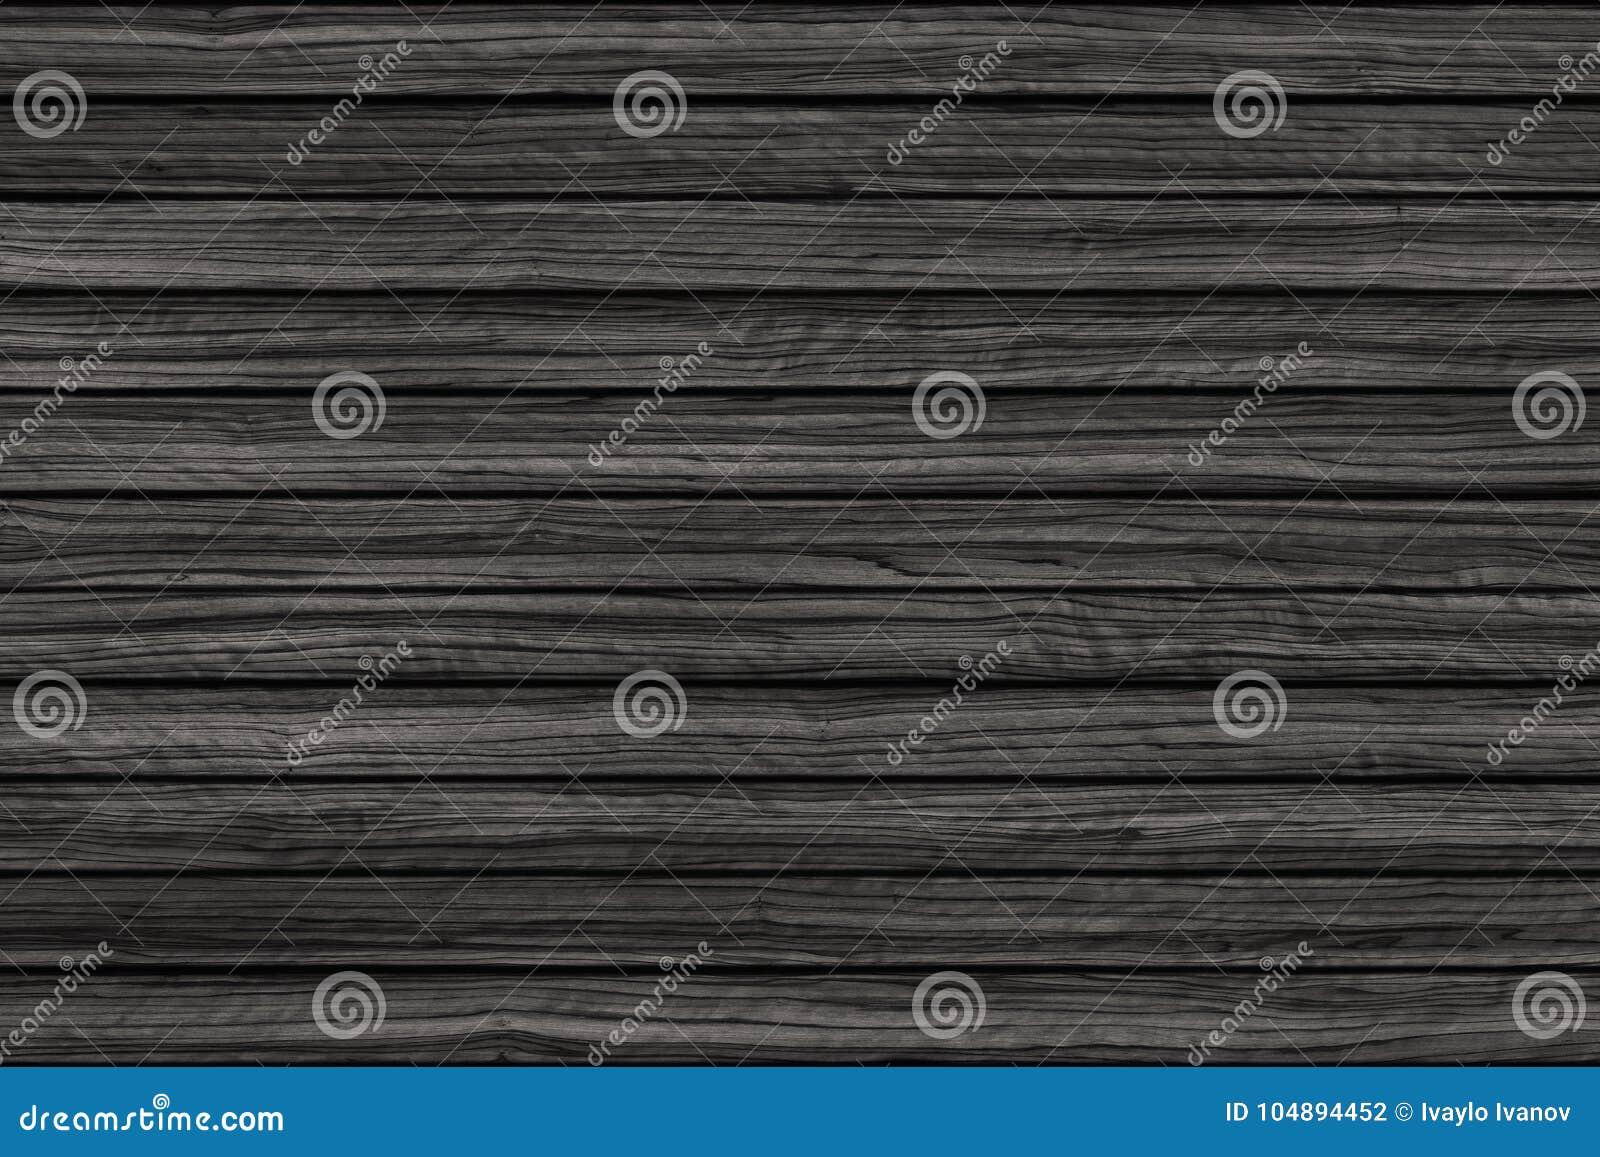 fond en bois de texture plancher en bois noir de minerai de mur photo stock image du propre. Black Bedroom Furniture Sets. Home Design Ideas